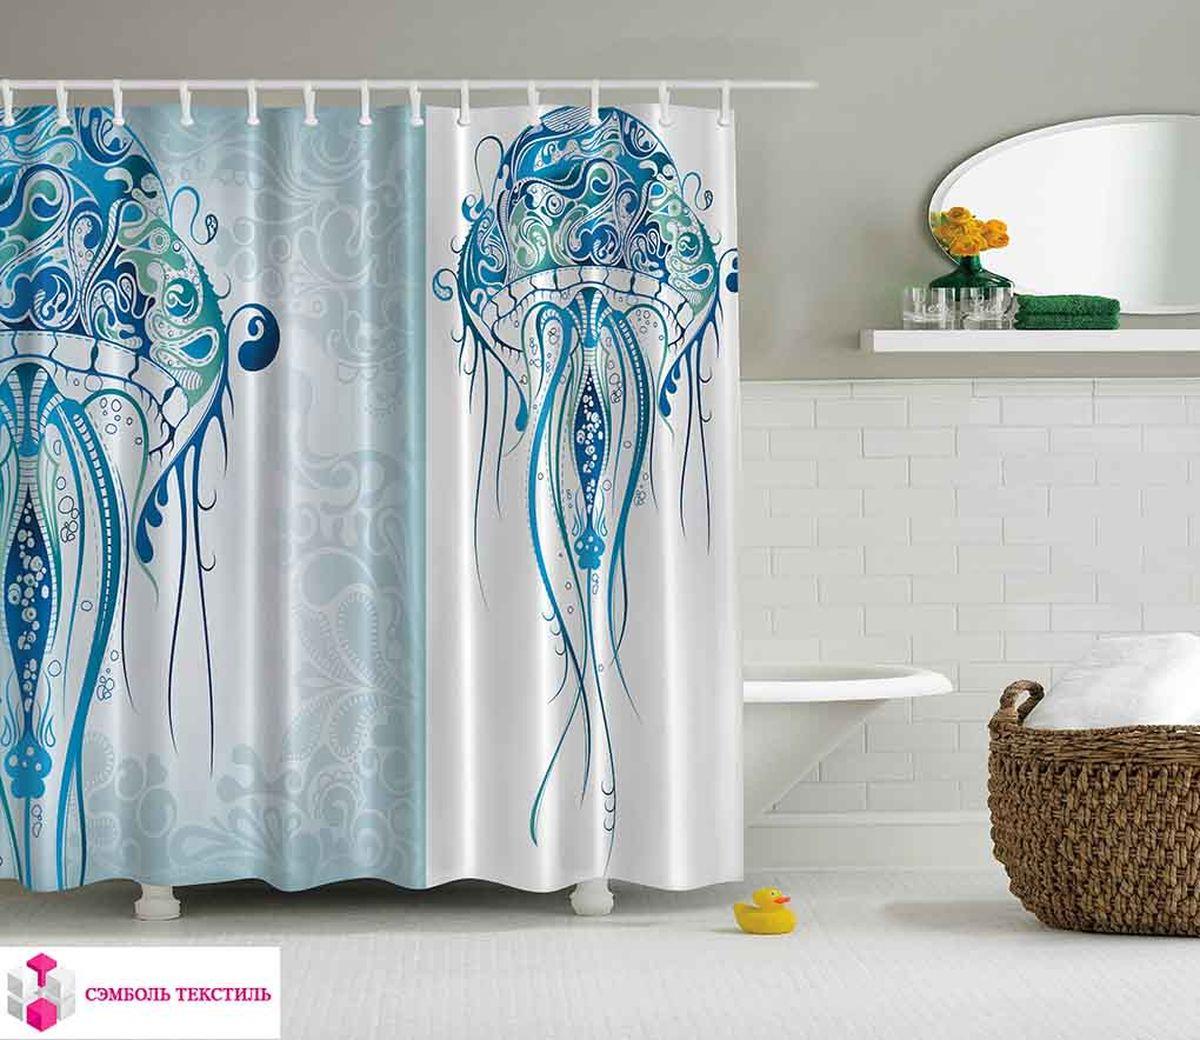 Штора для ванной комнаты Magic Lady Огромная медуза с узорами, 180 х 200 смшв_2787Штора Magic Lady Огромная медуза с узорами, изготовленная из высококачественного сатена (полиэстер 100%), отлично дополнит любой интерьер ванной комнаты. При изготовлении используются специальные гипоаллергенные чернила для прямой печати по ткани, безопасные для человека. В комплекте: 1 штора, 12 крючков. Обращаем ваше внимание, фактический цвет изделия может незначительно отличаться от представленного на фото.